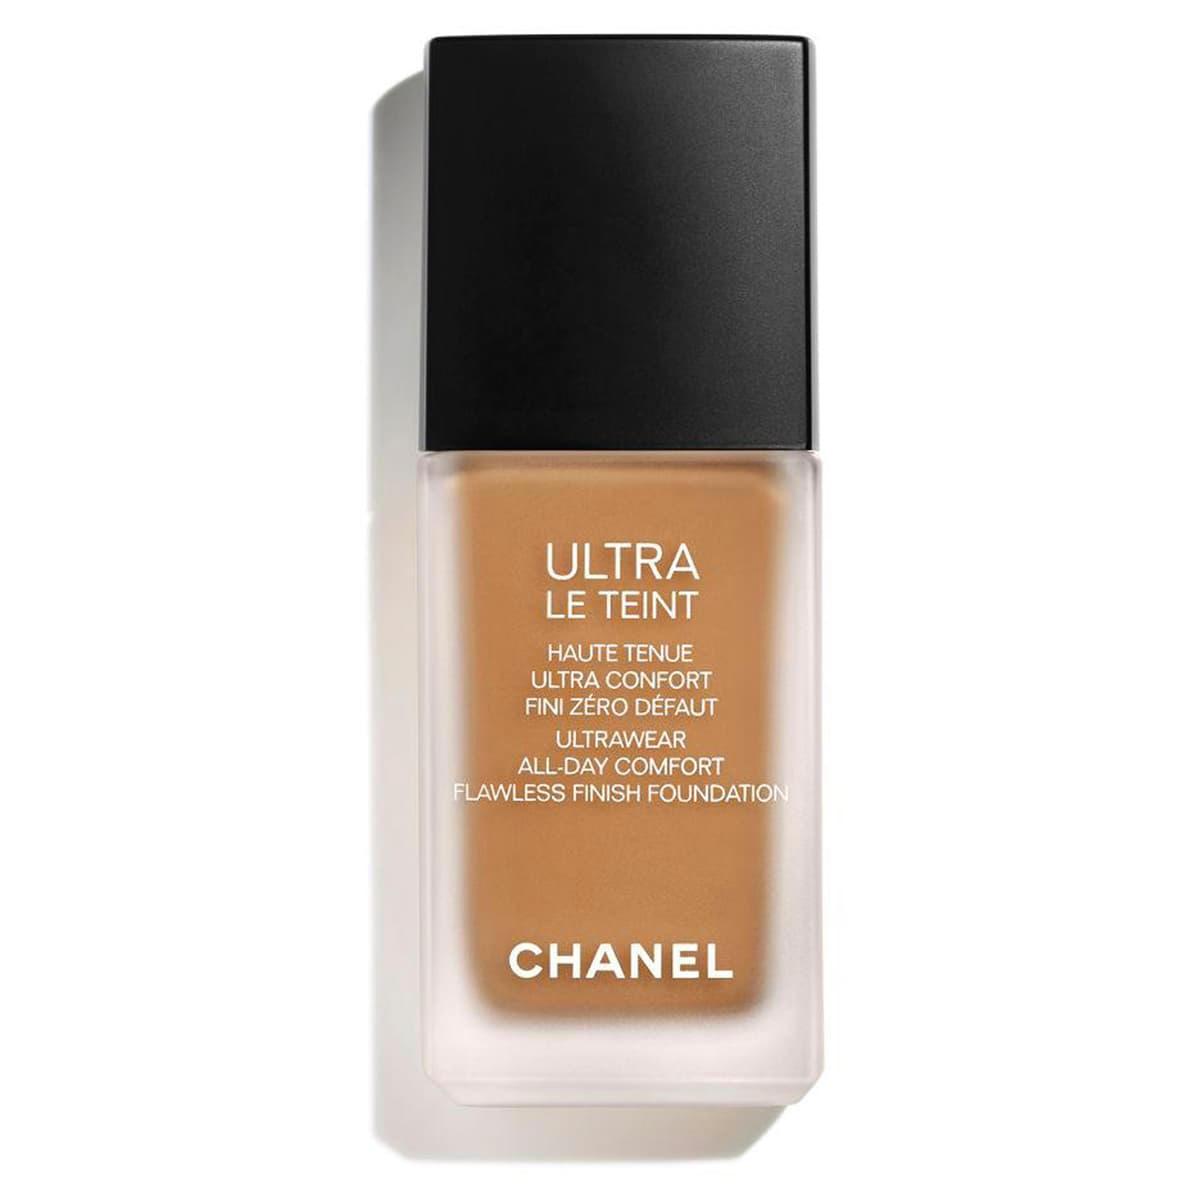 Chanel Ultra Le Teint Ultrawear Foundation BR122